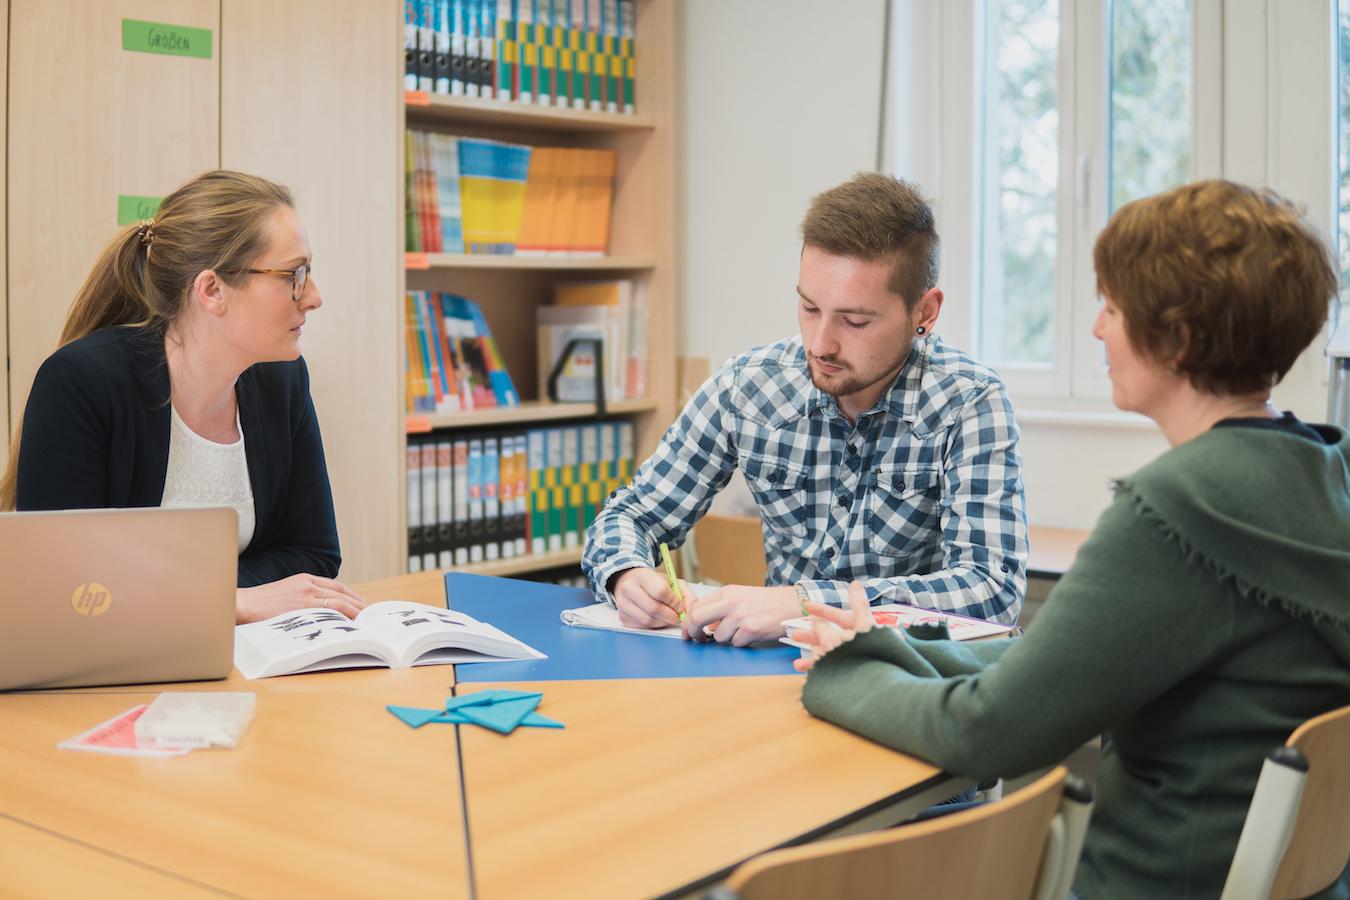 Die Lernwerkstatt ist ein Materialparadies für Studierende. Foto: Philipp Sittinger